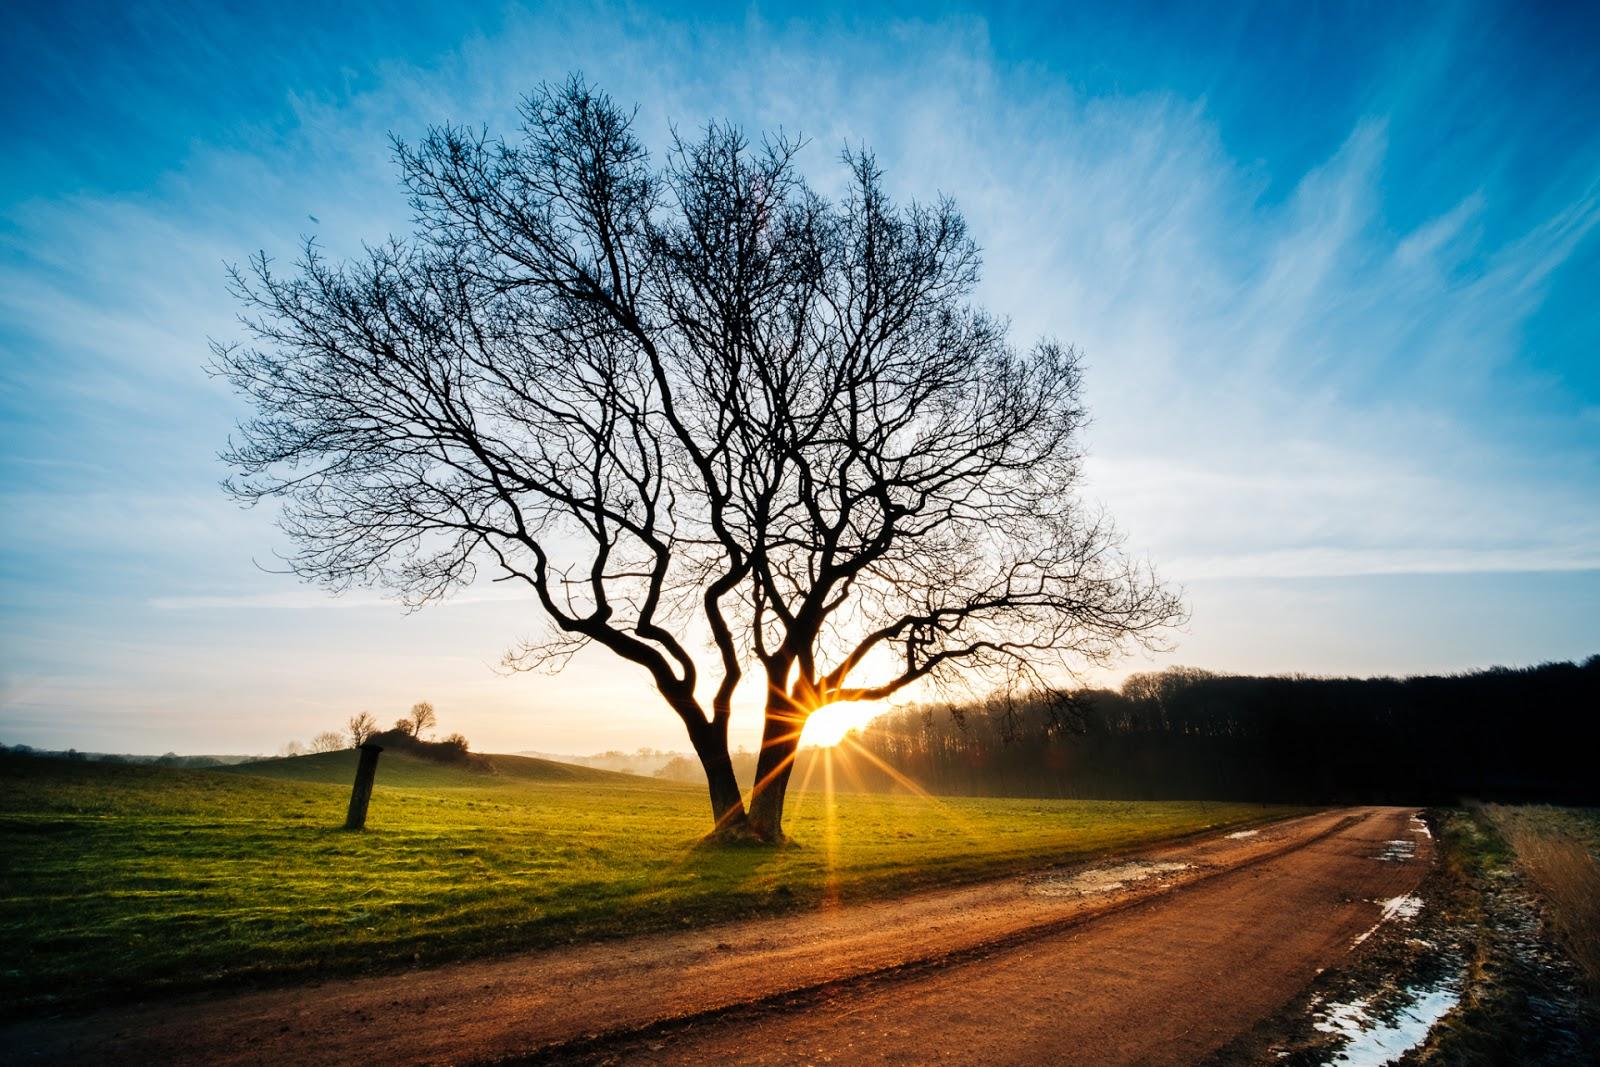 Дерево на закате, автор Джонас Раск